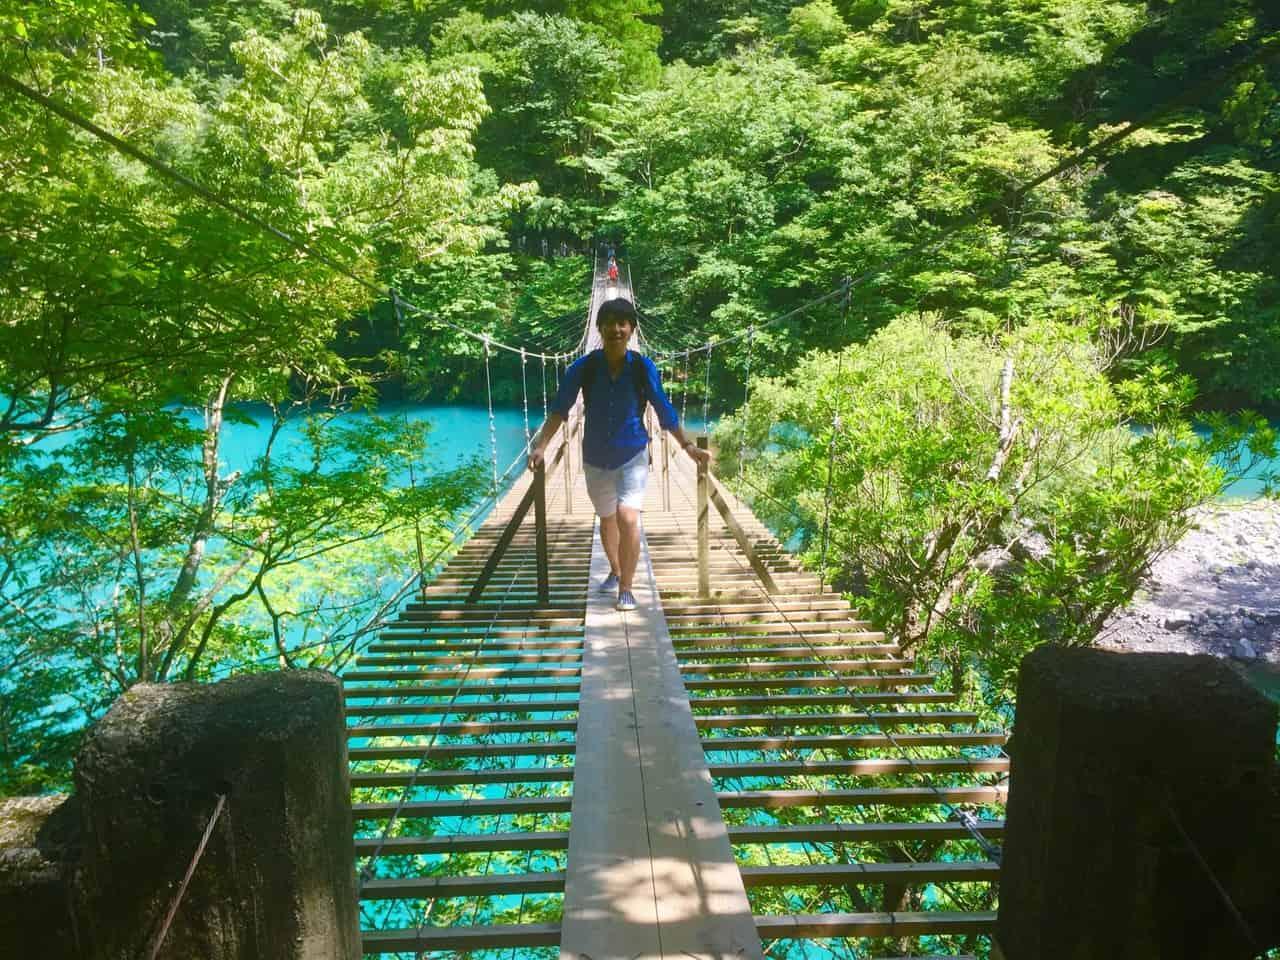 Sumatakyo gorge in Shizuoka, Japan.